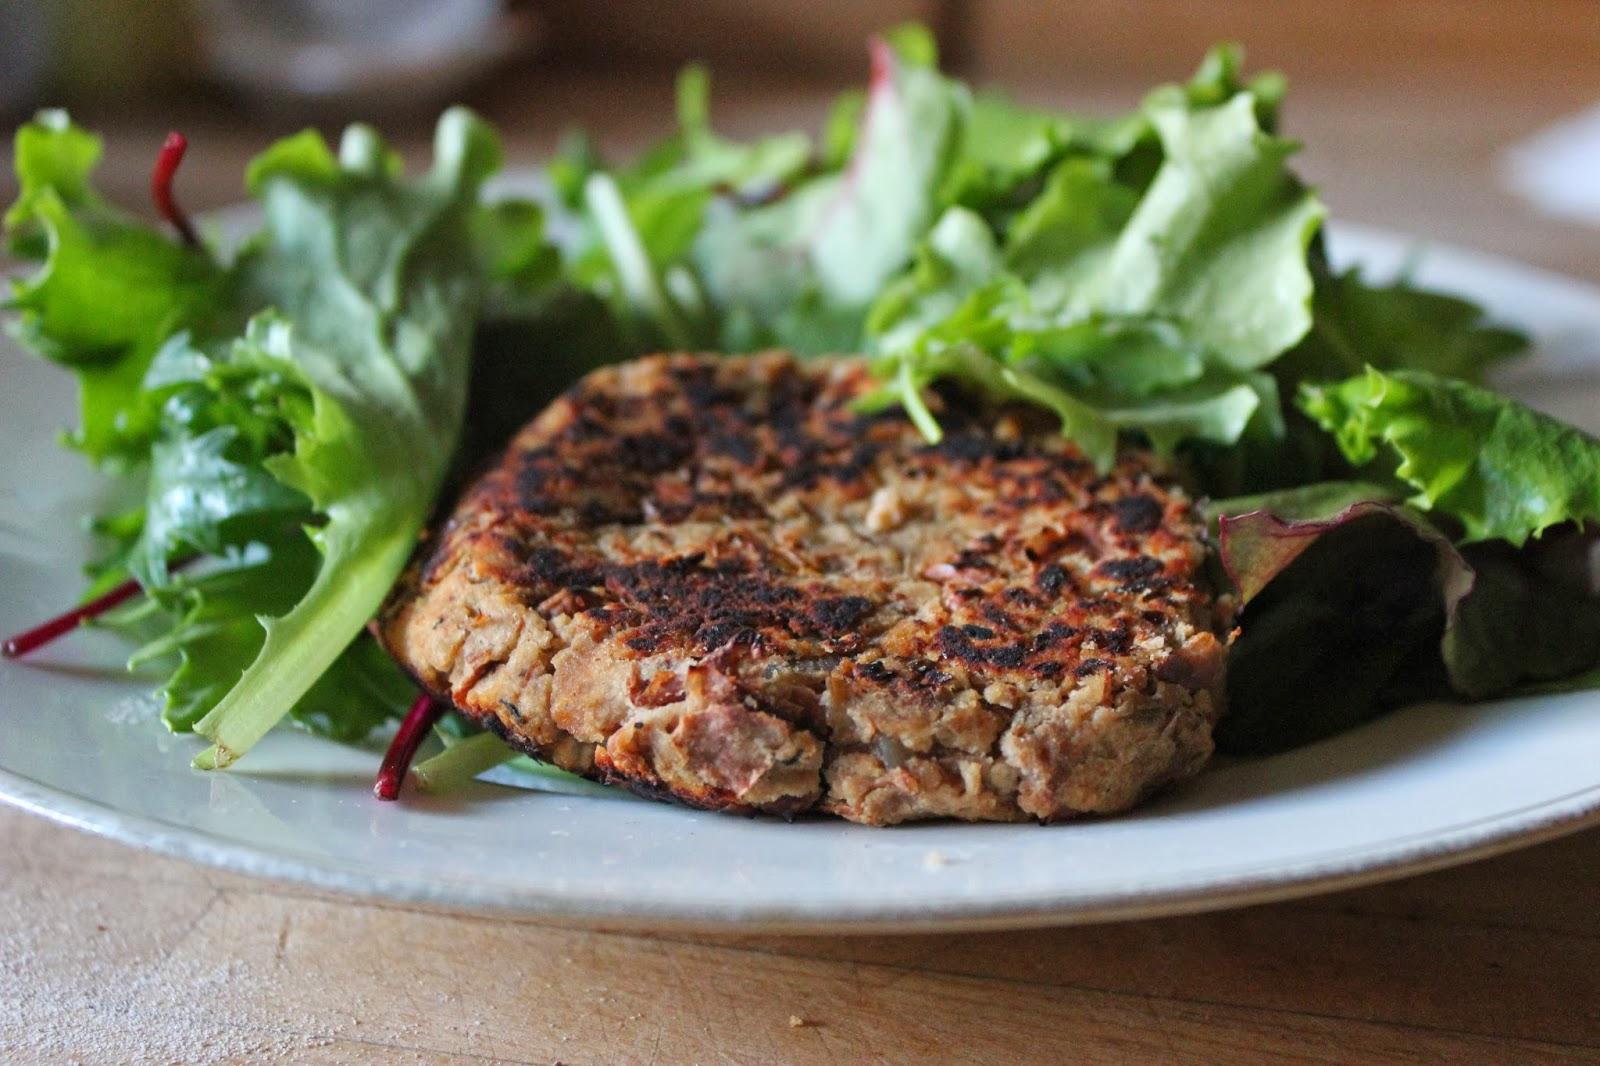 https://cuillereetsaladier.blogspot.com/2013/12/steaks-vegetaux-aux-haricots.html